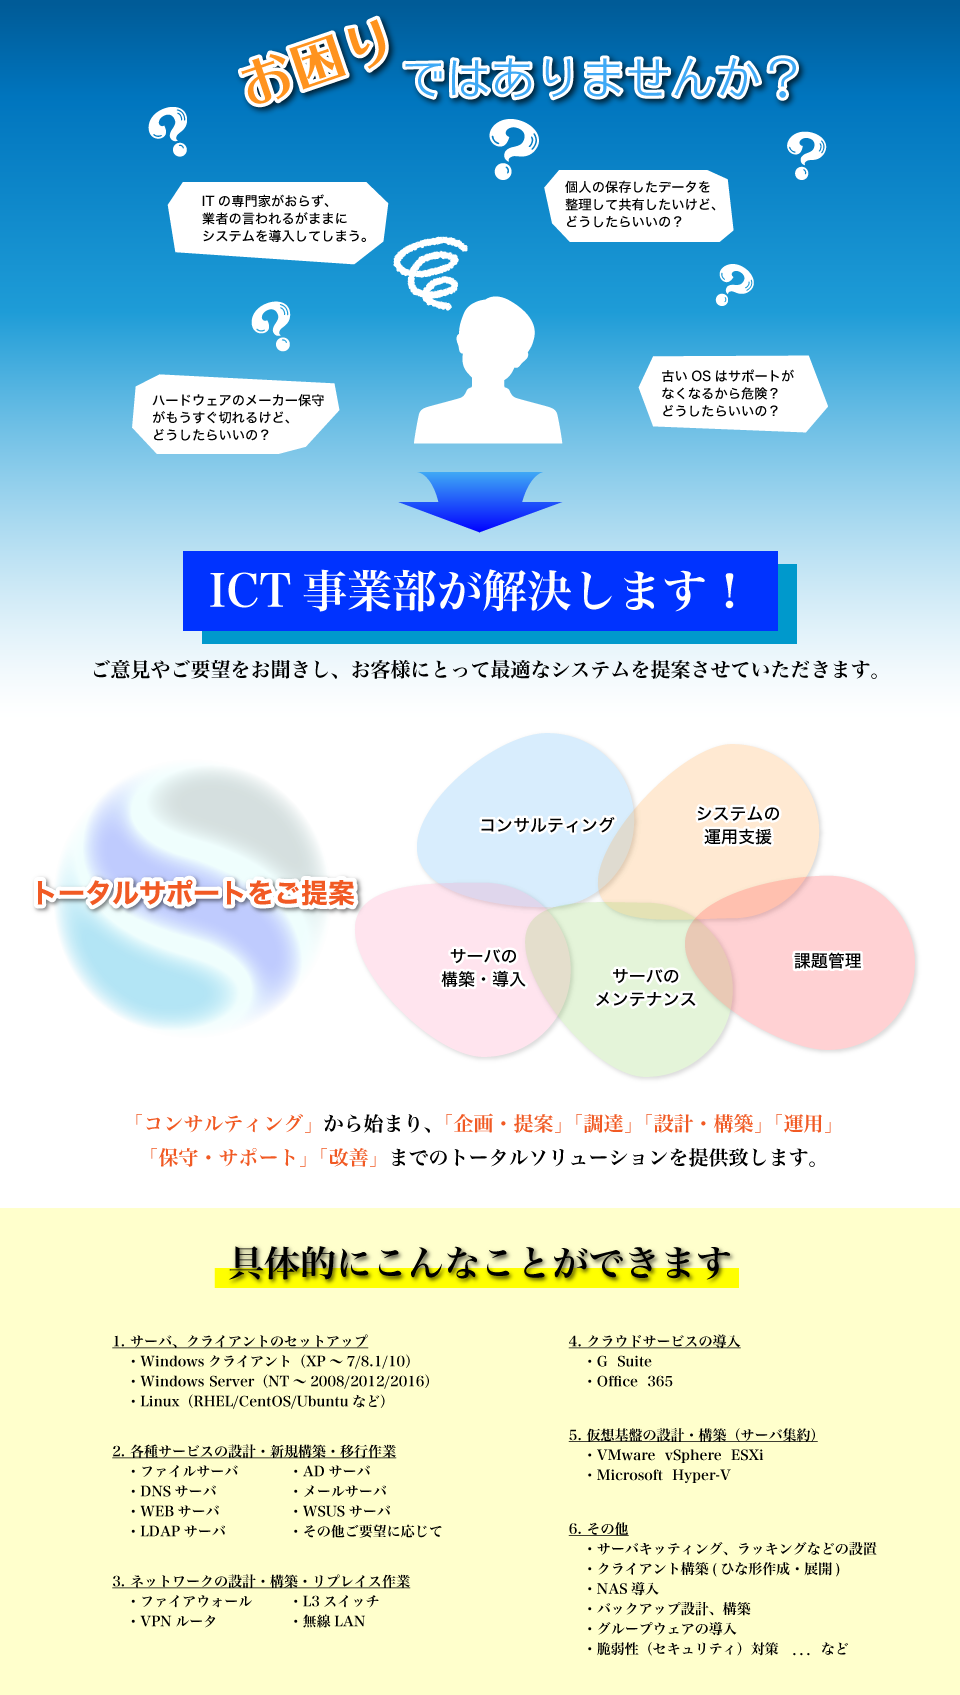 お困りごとはございませんか? ICT事業部が解決します。